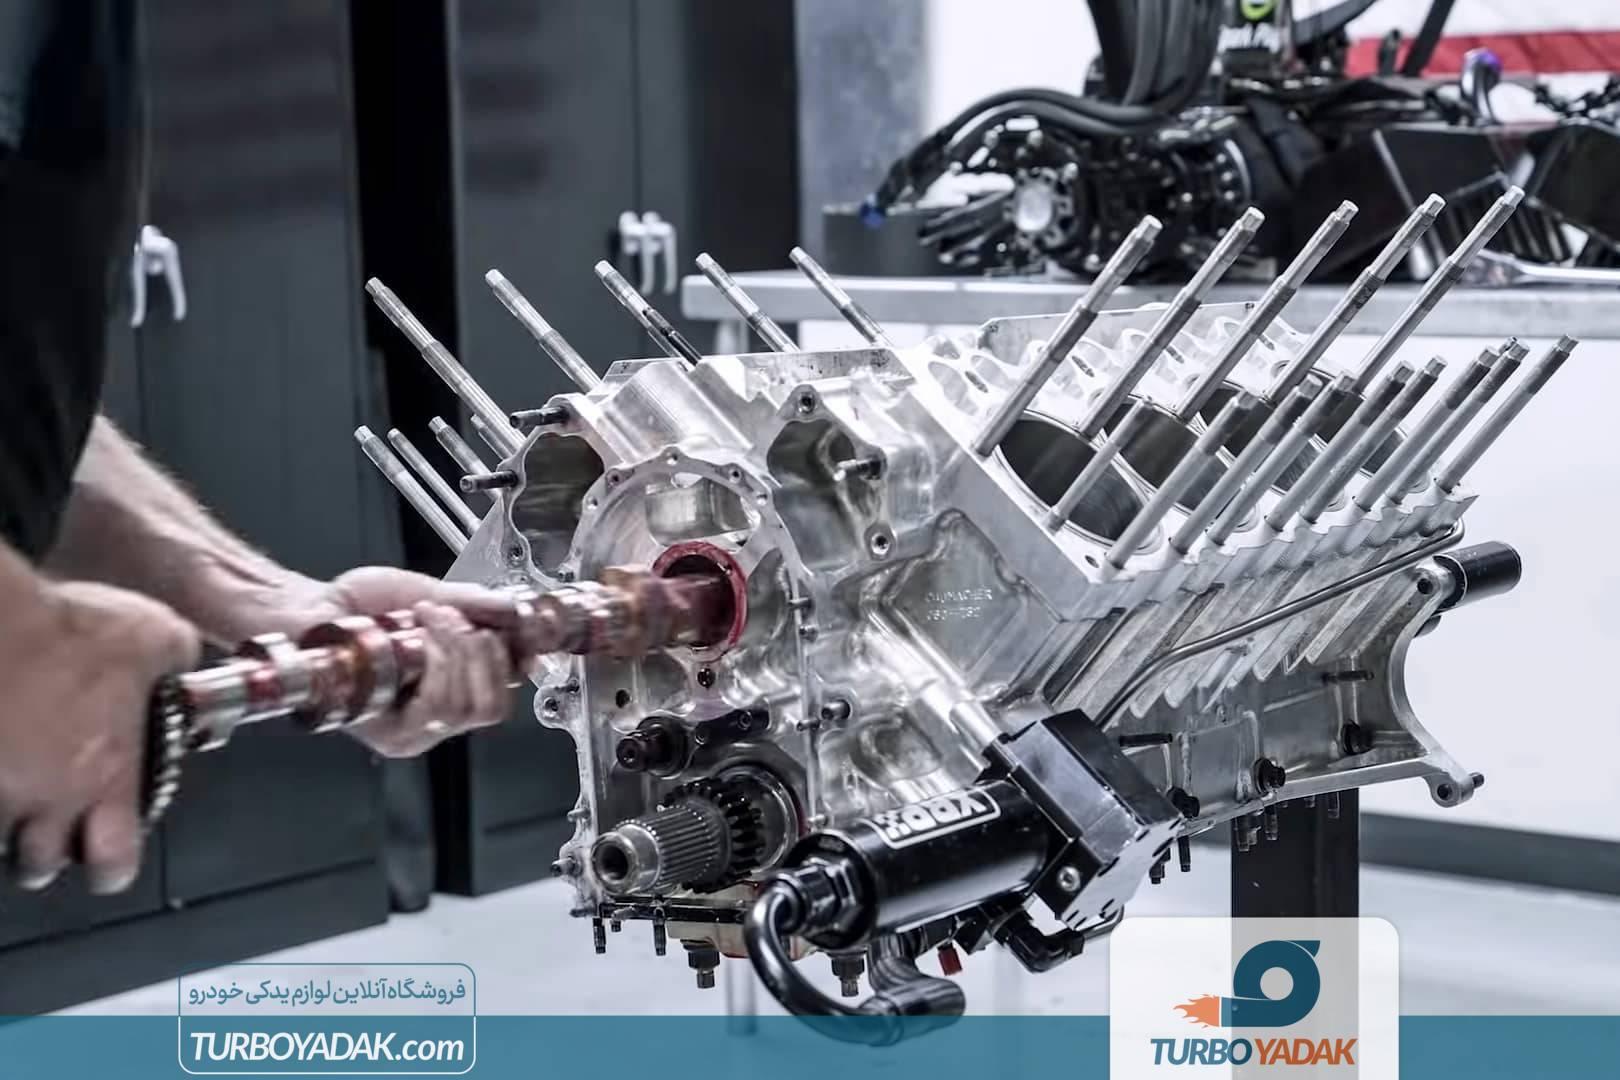 تعمیر و بازسازی موتور هشت سیلندر